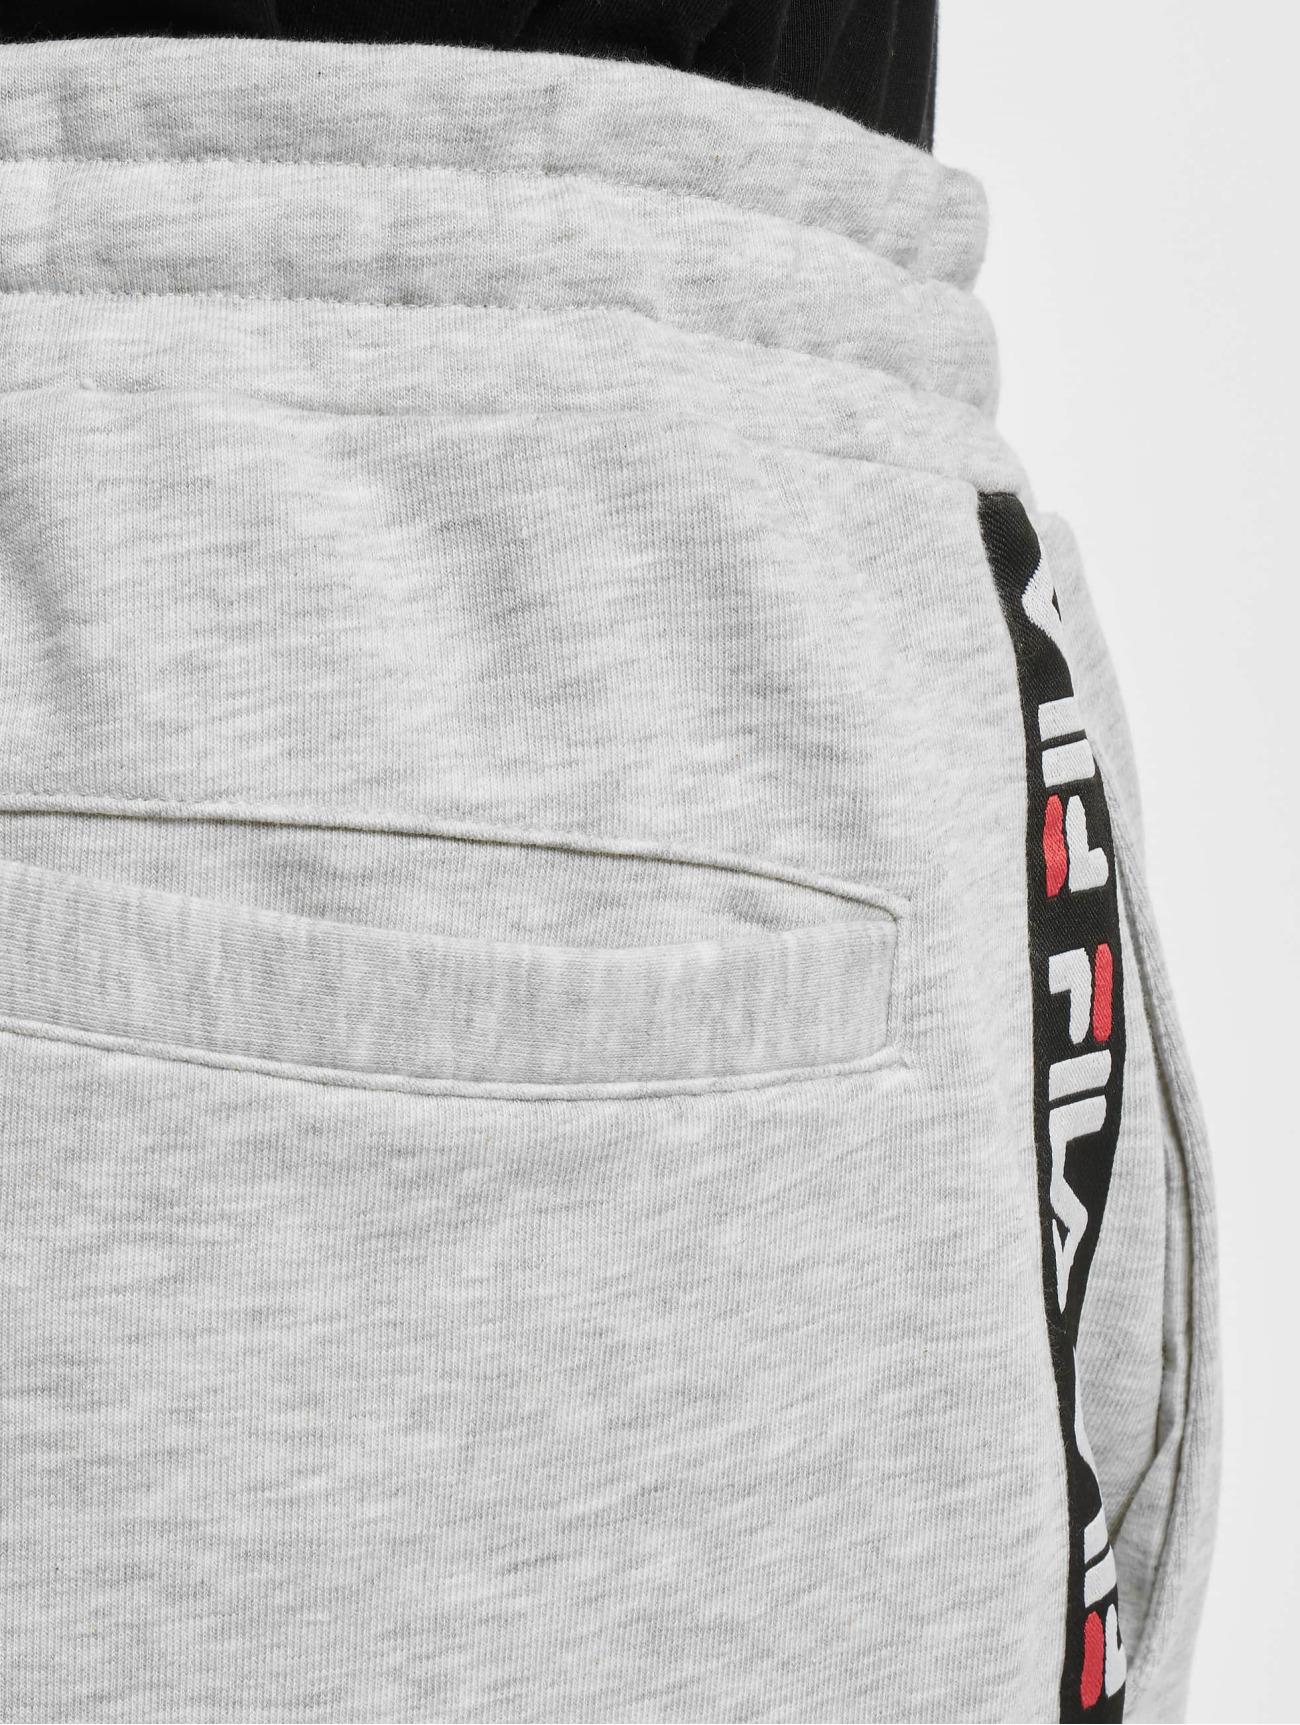 FILA  Urban Line Tristan  gris Homme Short  663277 Homme Pantalons & Shorts